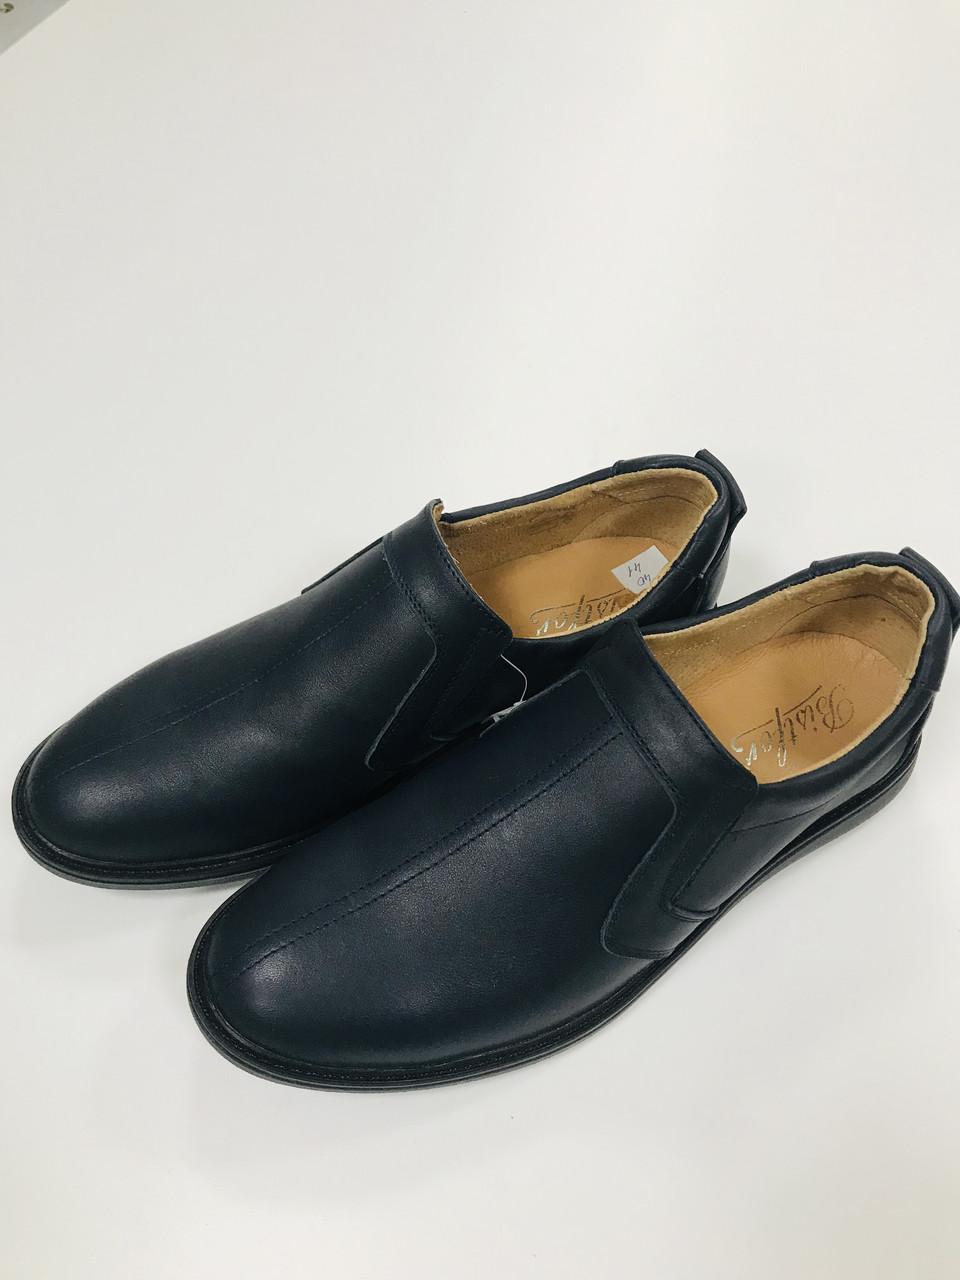 Туфли кожаные для мальчика Bistfor подростковые размер 39